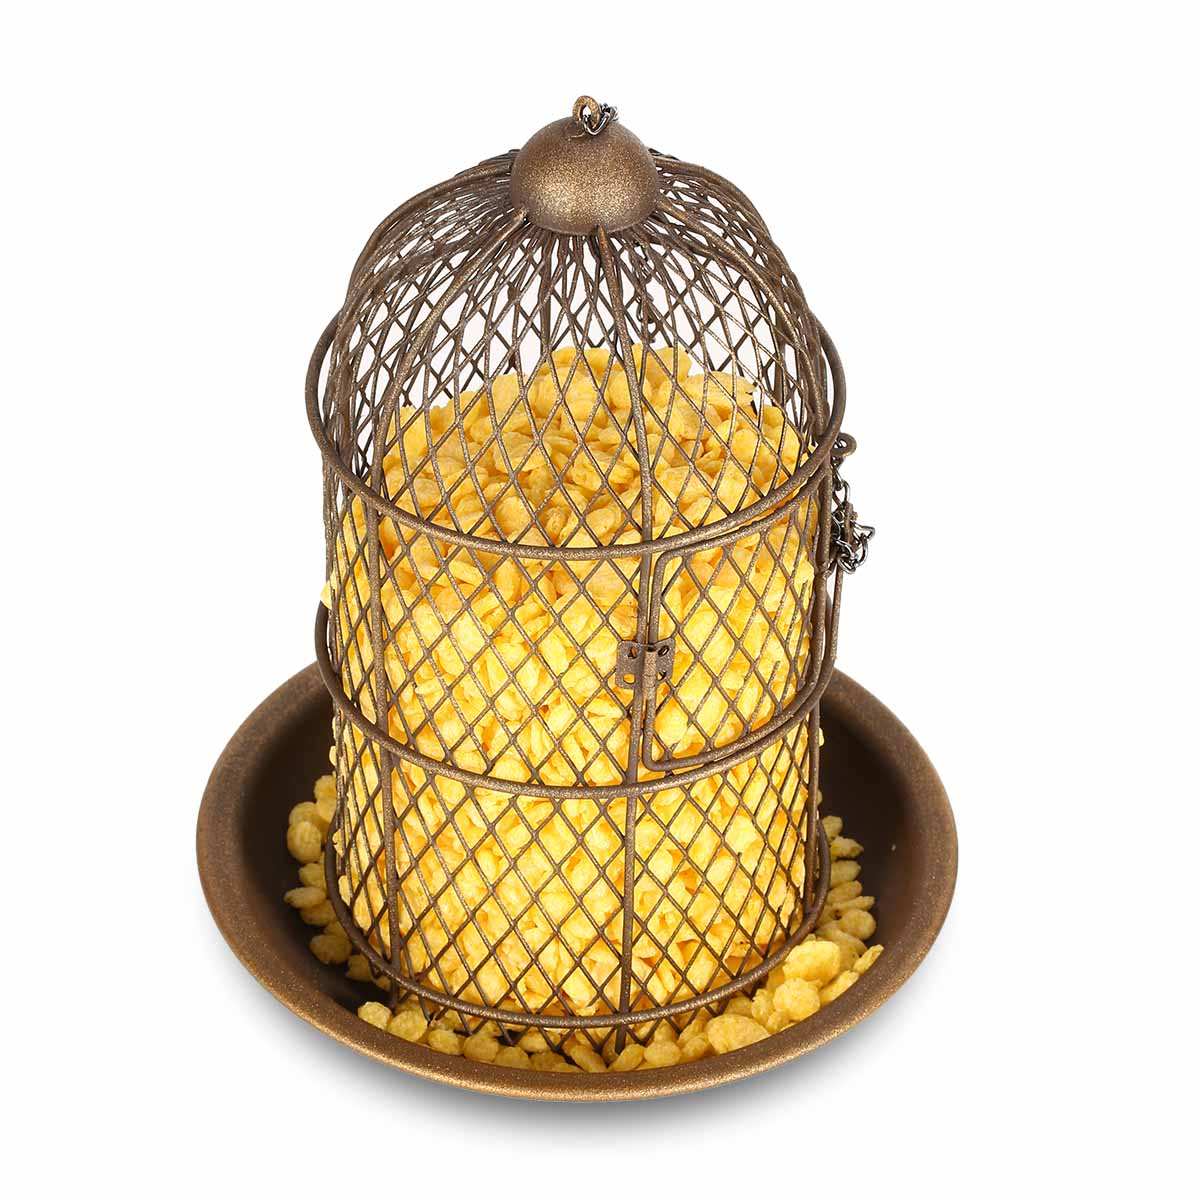 Tooarts Bird Feeder Bird Cage Feeder Hanging Wild Bird ...